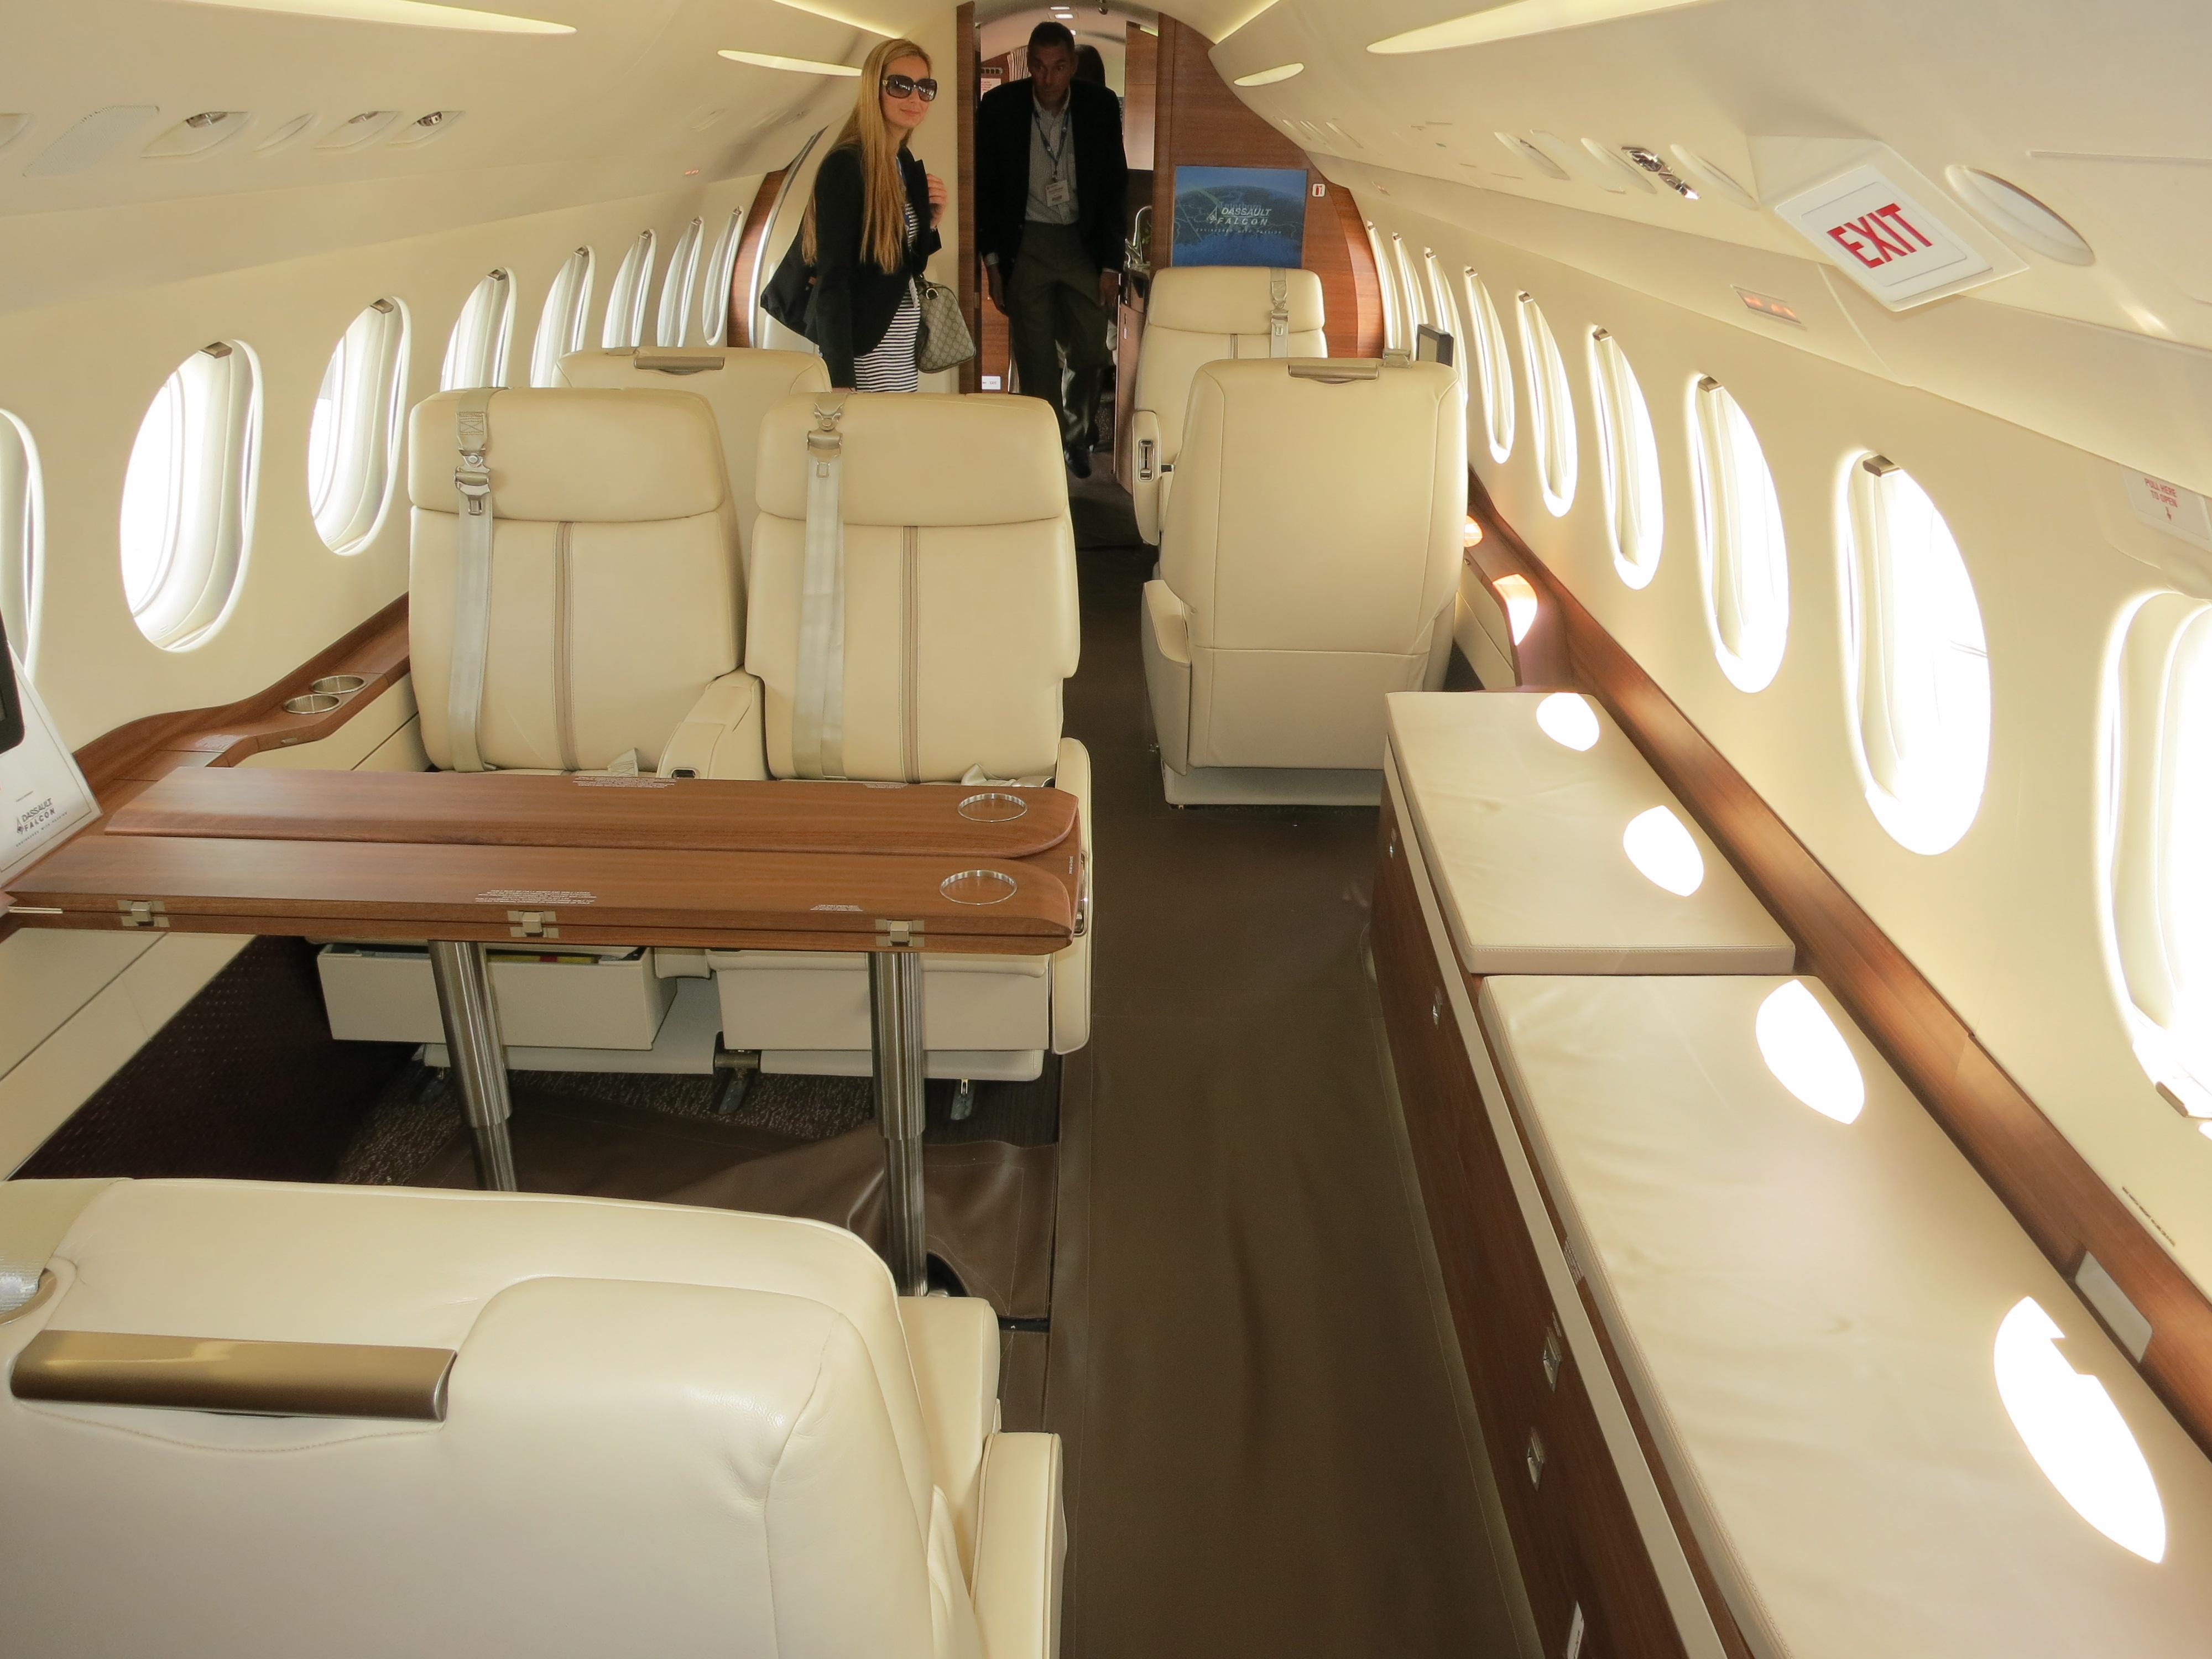 Private Jet Bedroom File Dassault Falcon 7x Forward Cabin Interior With